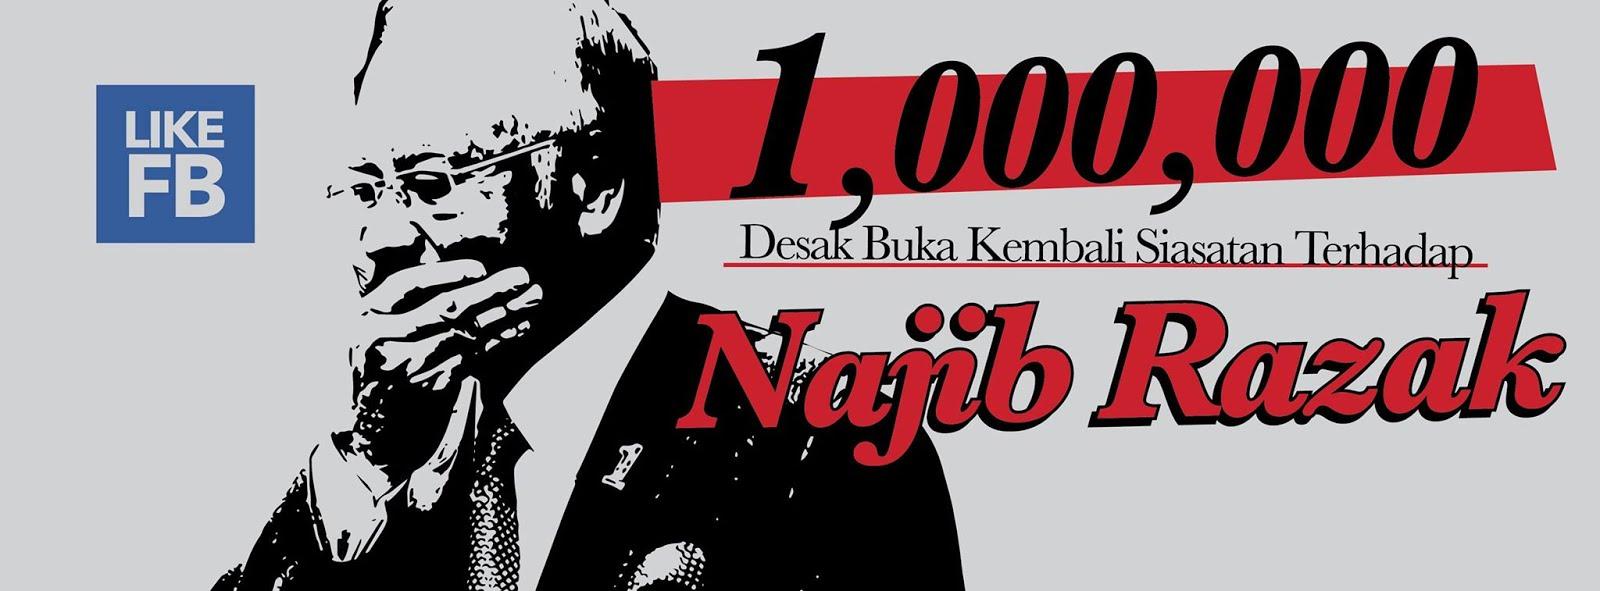 """""""1Juta Desak Buka Kembali Siasatan Terhadap Najib Razak"""""""